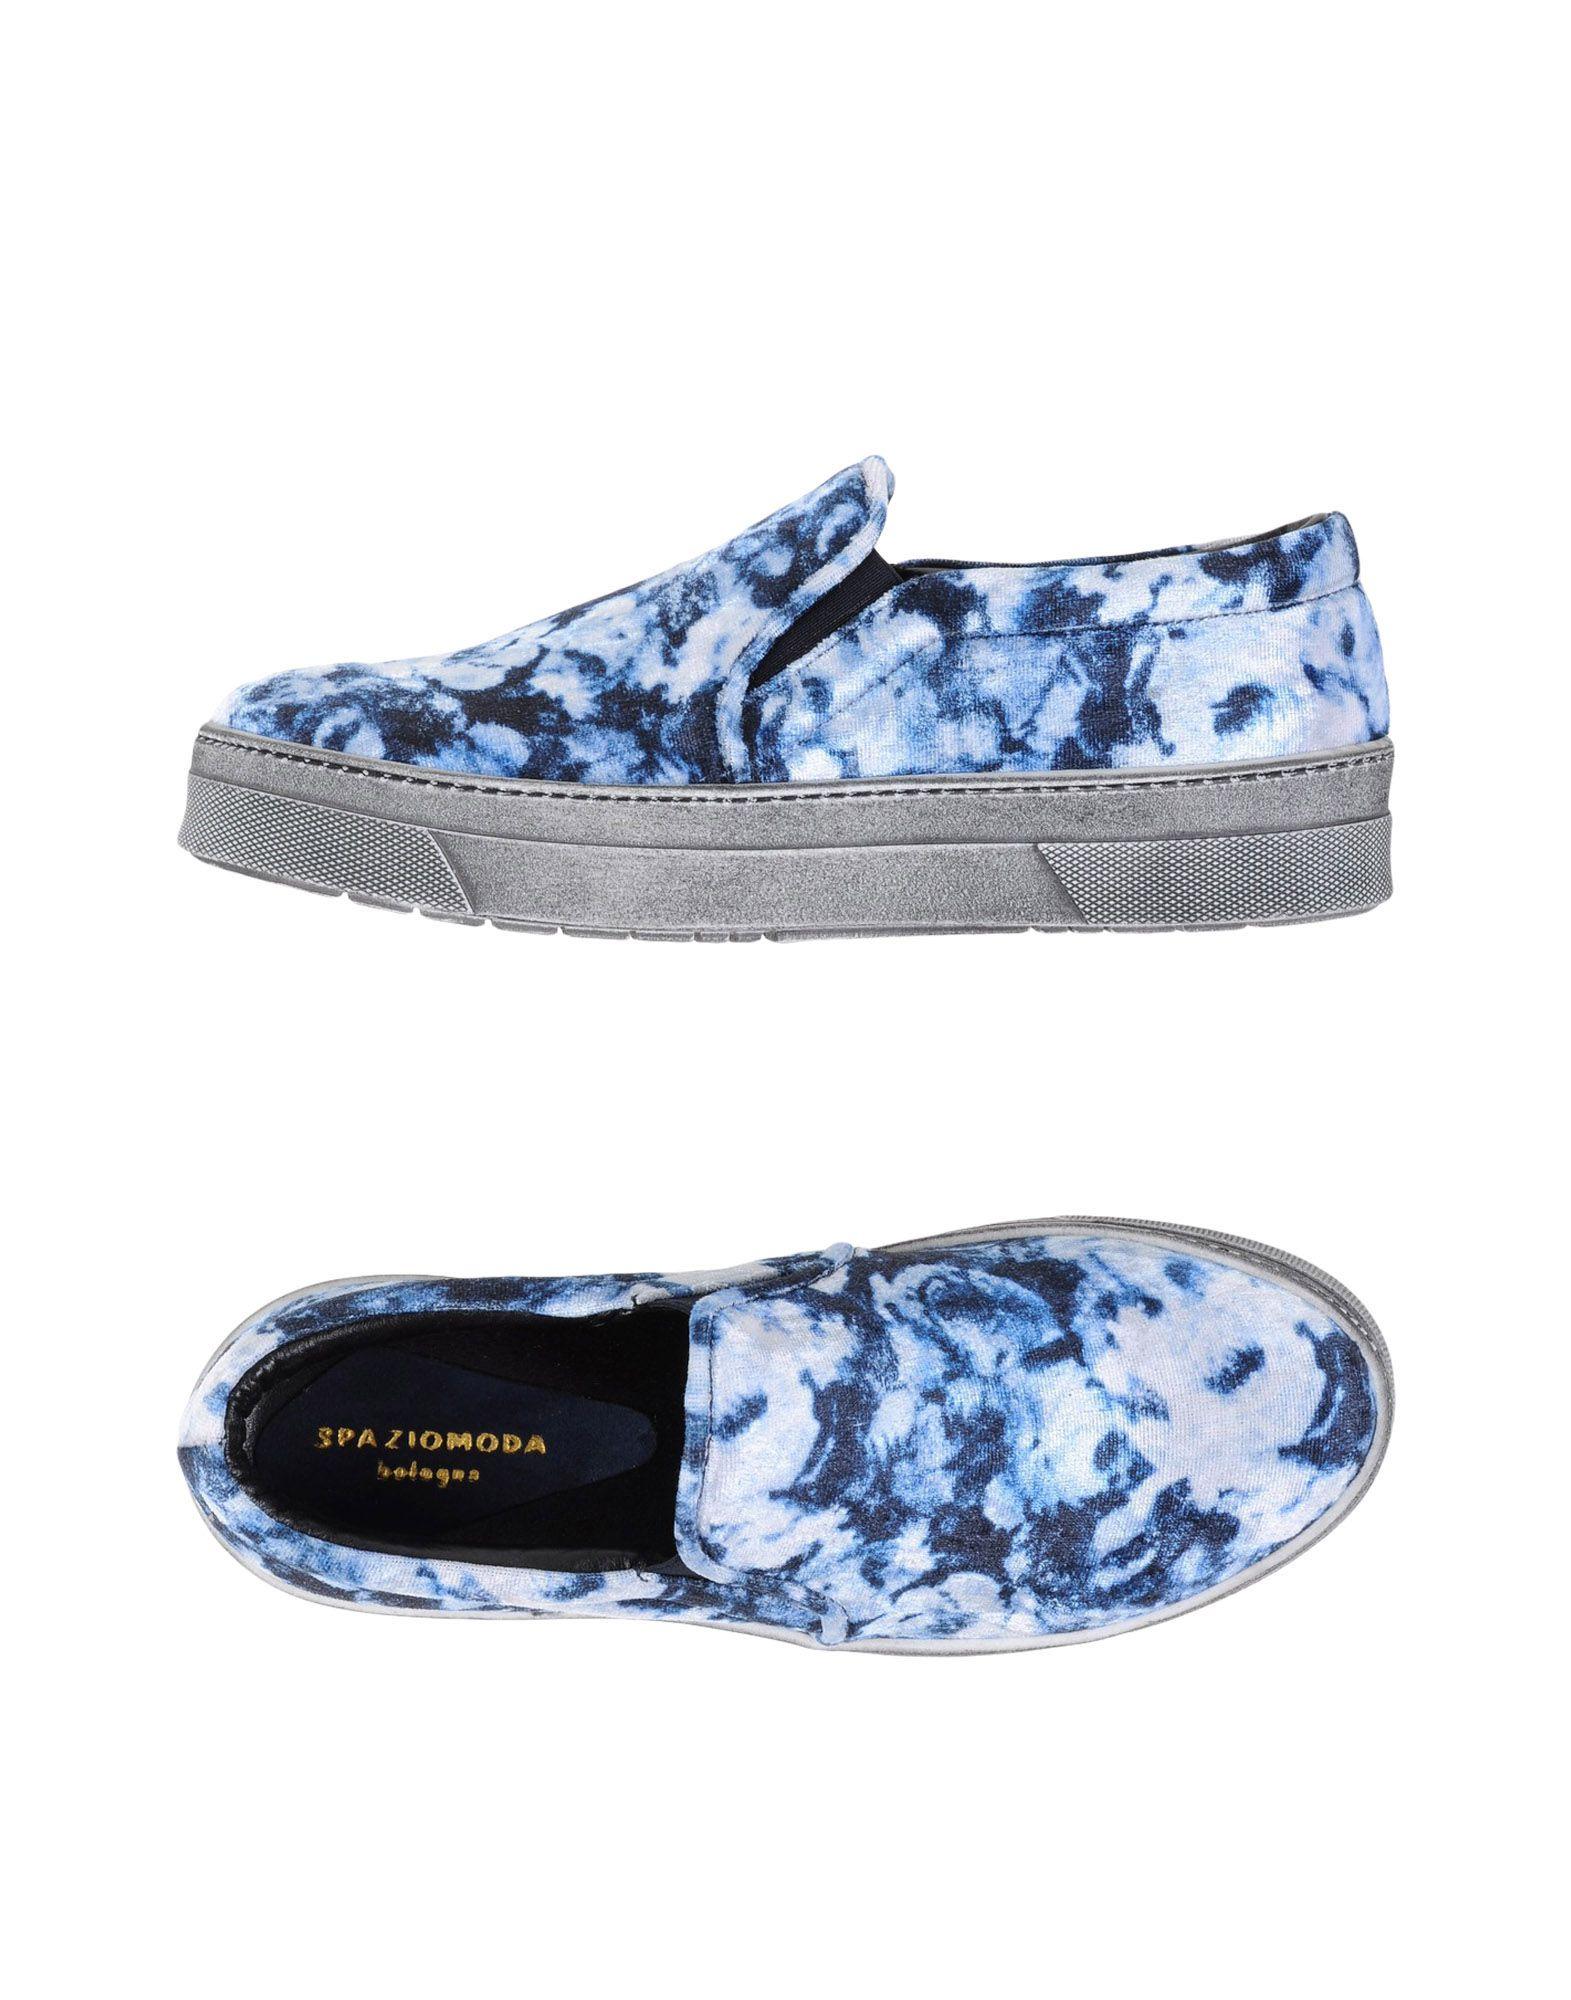 Moda Sneakers Sneakers Moda Spaziomoda Donna - 11104331VE 675634